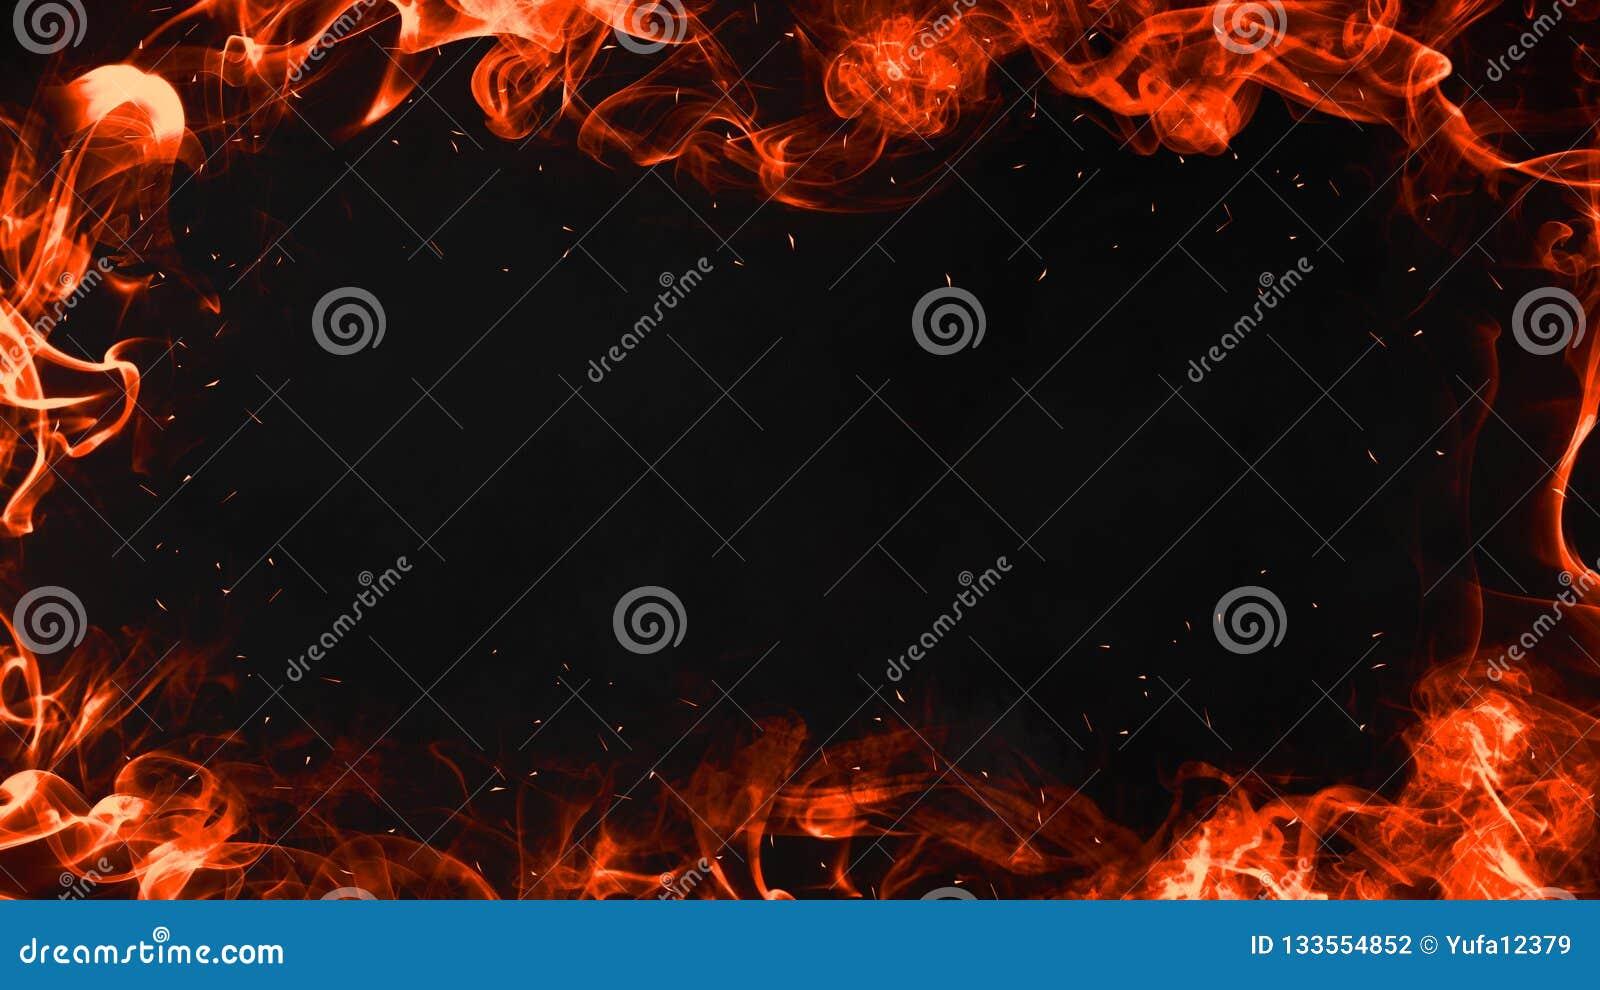 Καίγοντας περίληψη πλαισίων φλογών στο απομονωμένο μαύρο υπόβαθρο συνόρων